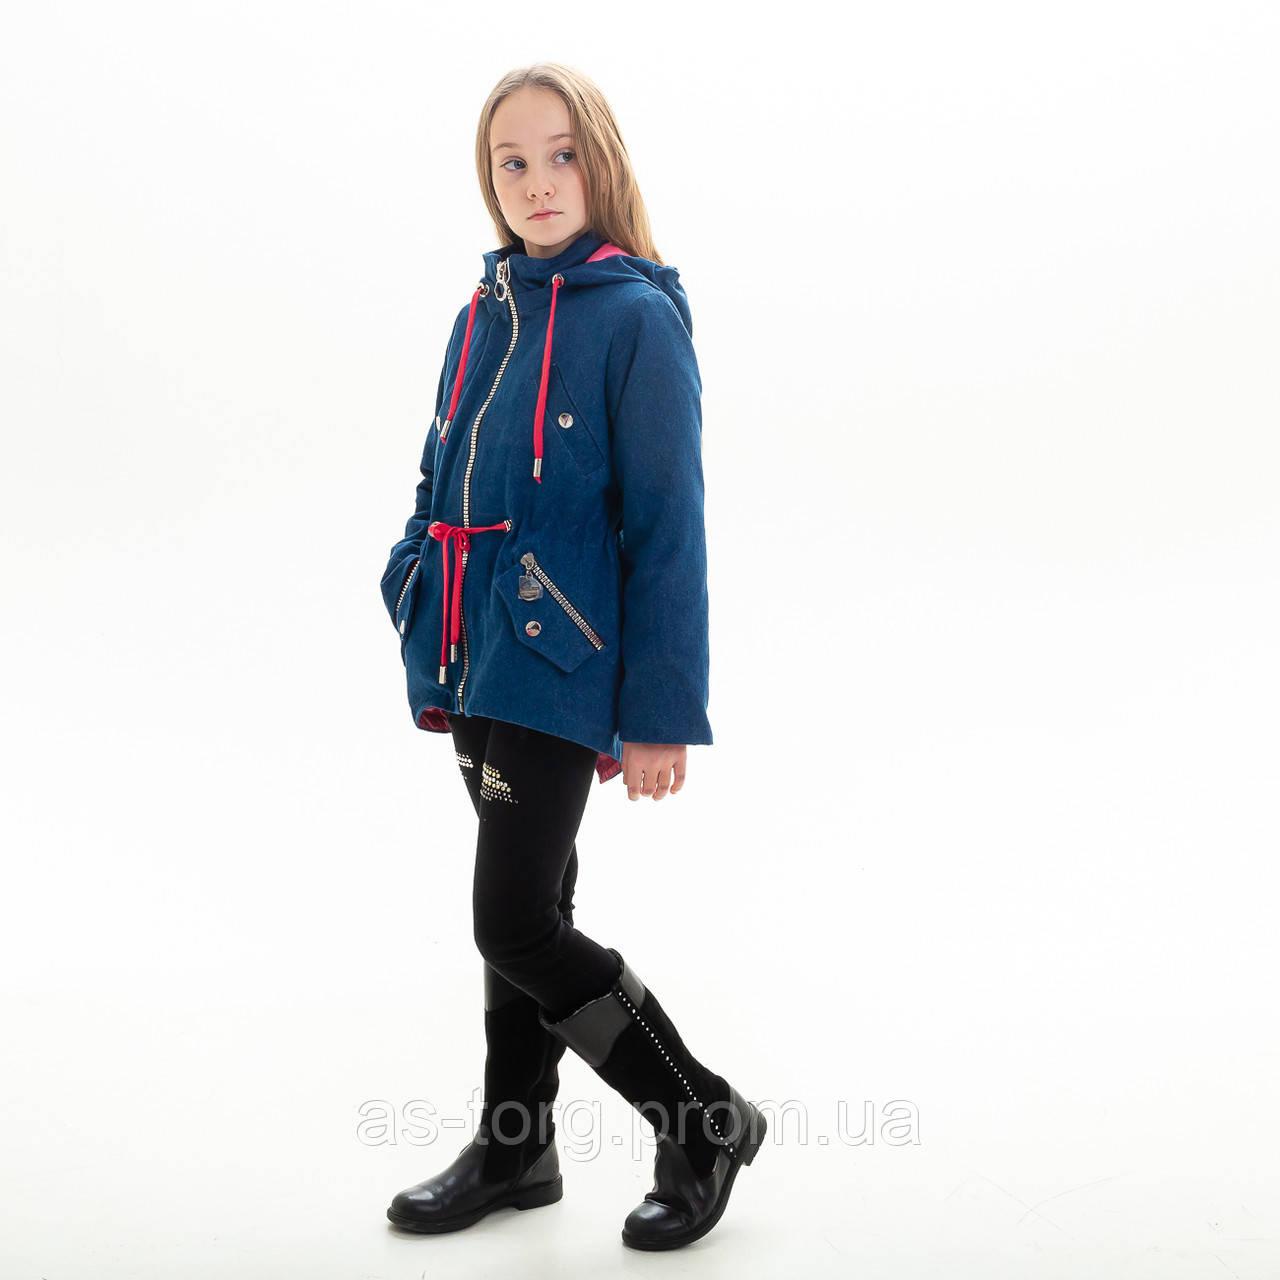 Стильная демисезонная куртка с подстежкой для девочки «Котри» р. 40,42,44